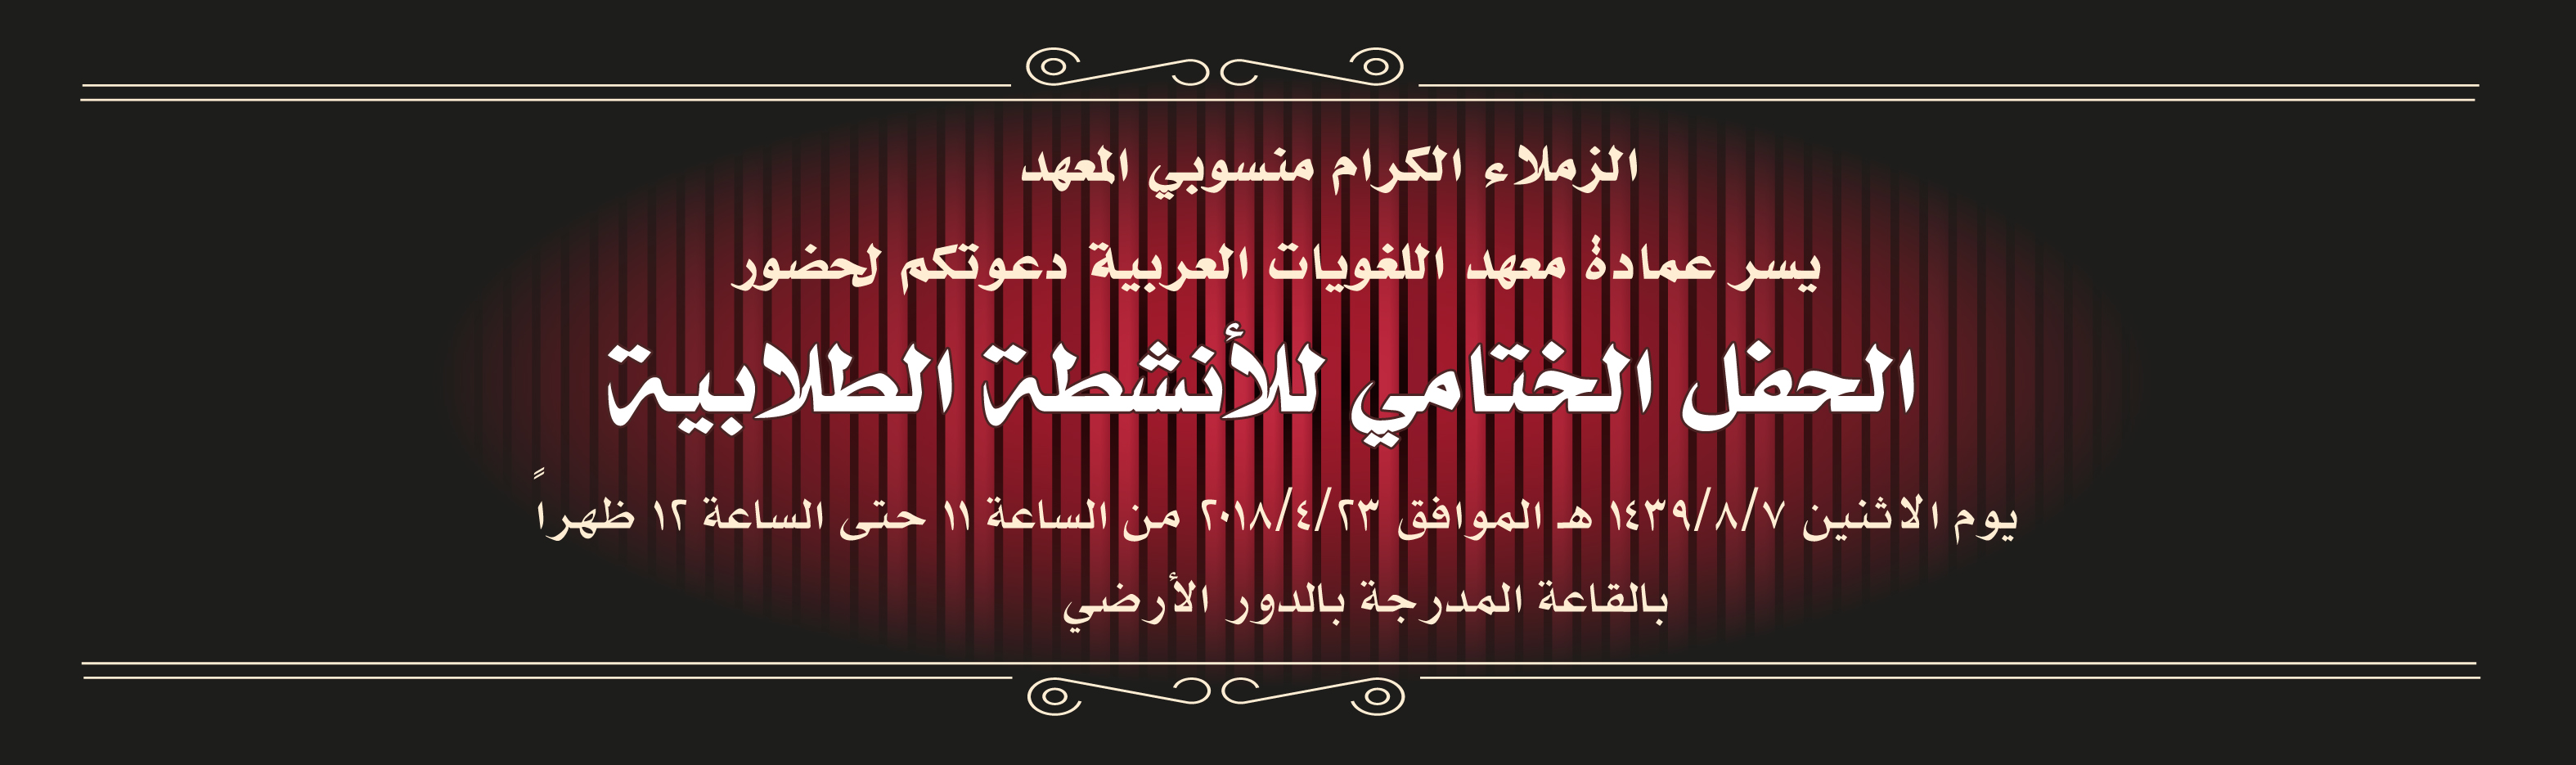 الحفل الختامي للأنشطة الطلابية... - دعوة لمنسوبي معهد اللغويات...